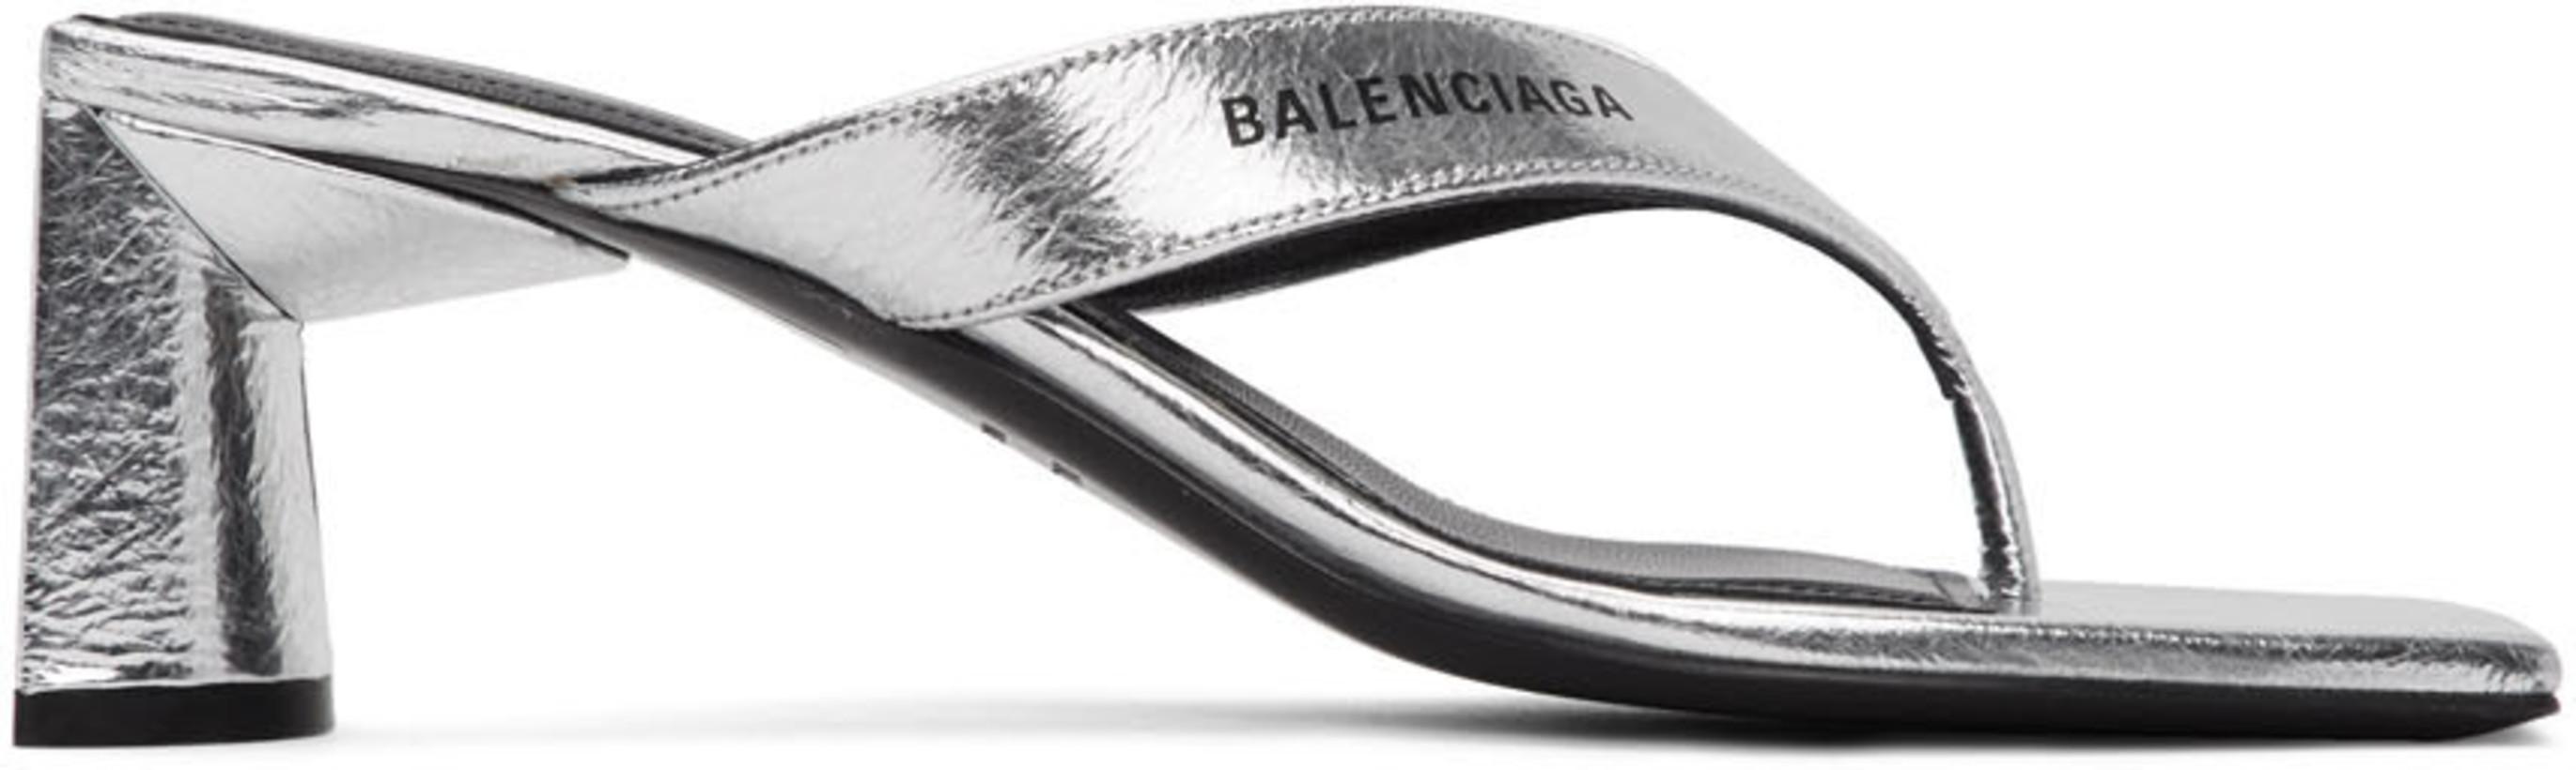 Balenciaga Silver Flip Flop Heels